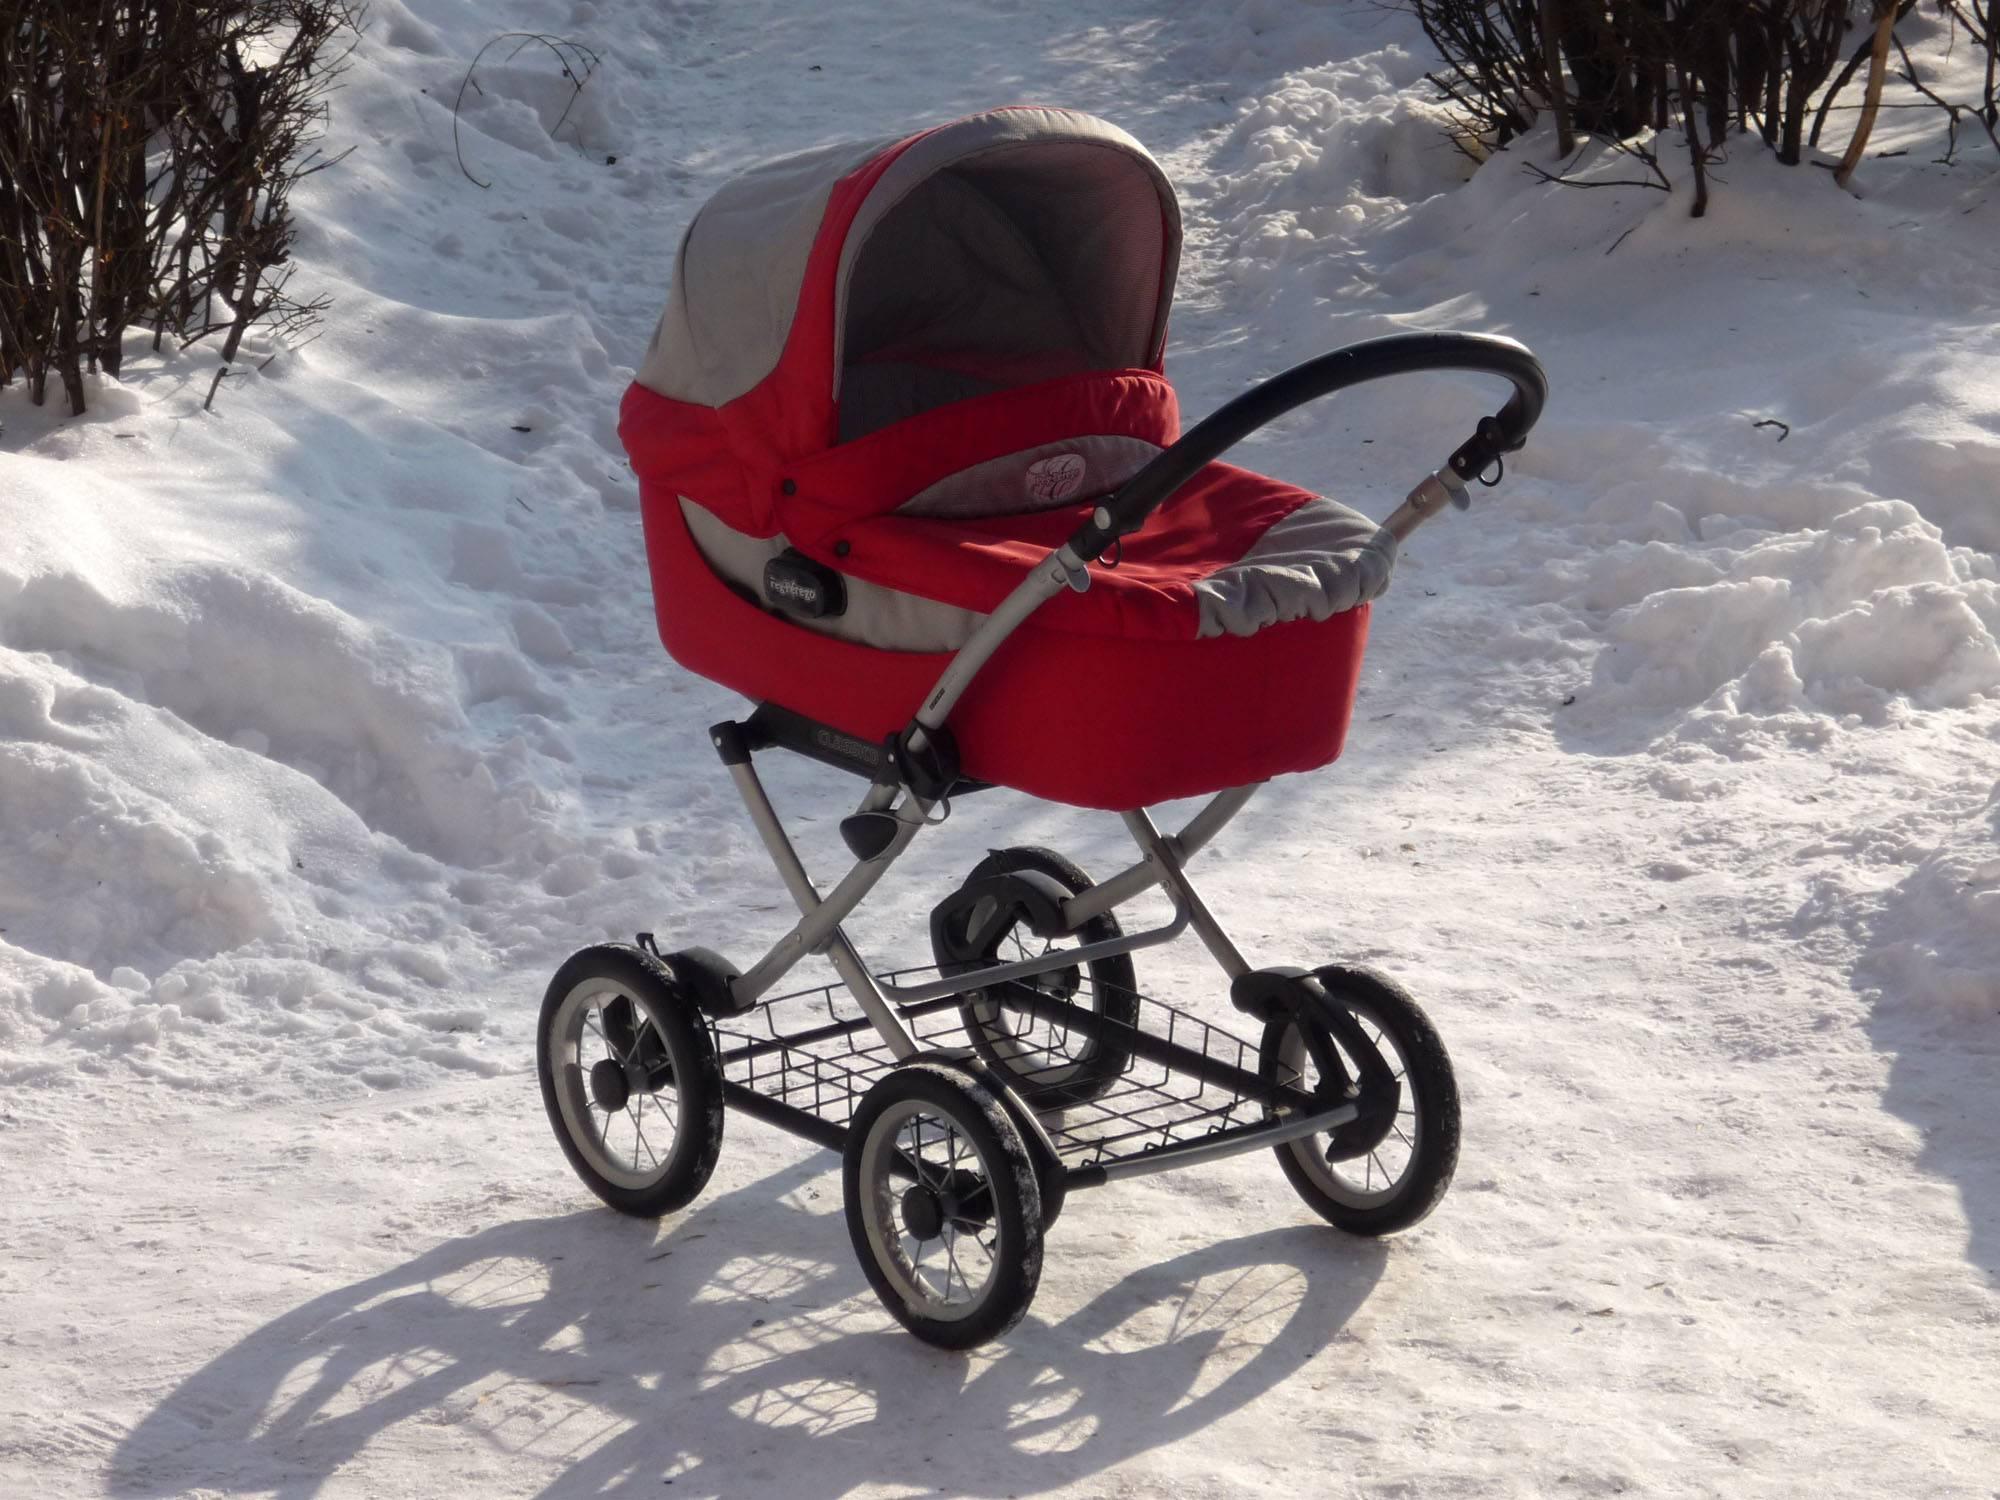 Зимние коляски для новорожденных: как выбрать легкую люльку, трансформер и конверт, а также рейтинг и фото лучших транспортных средств для малышей с описанием